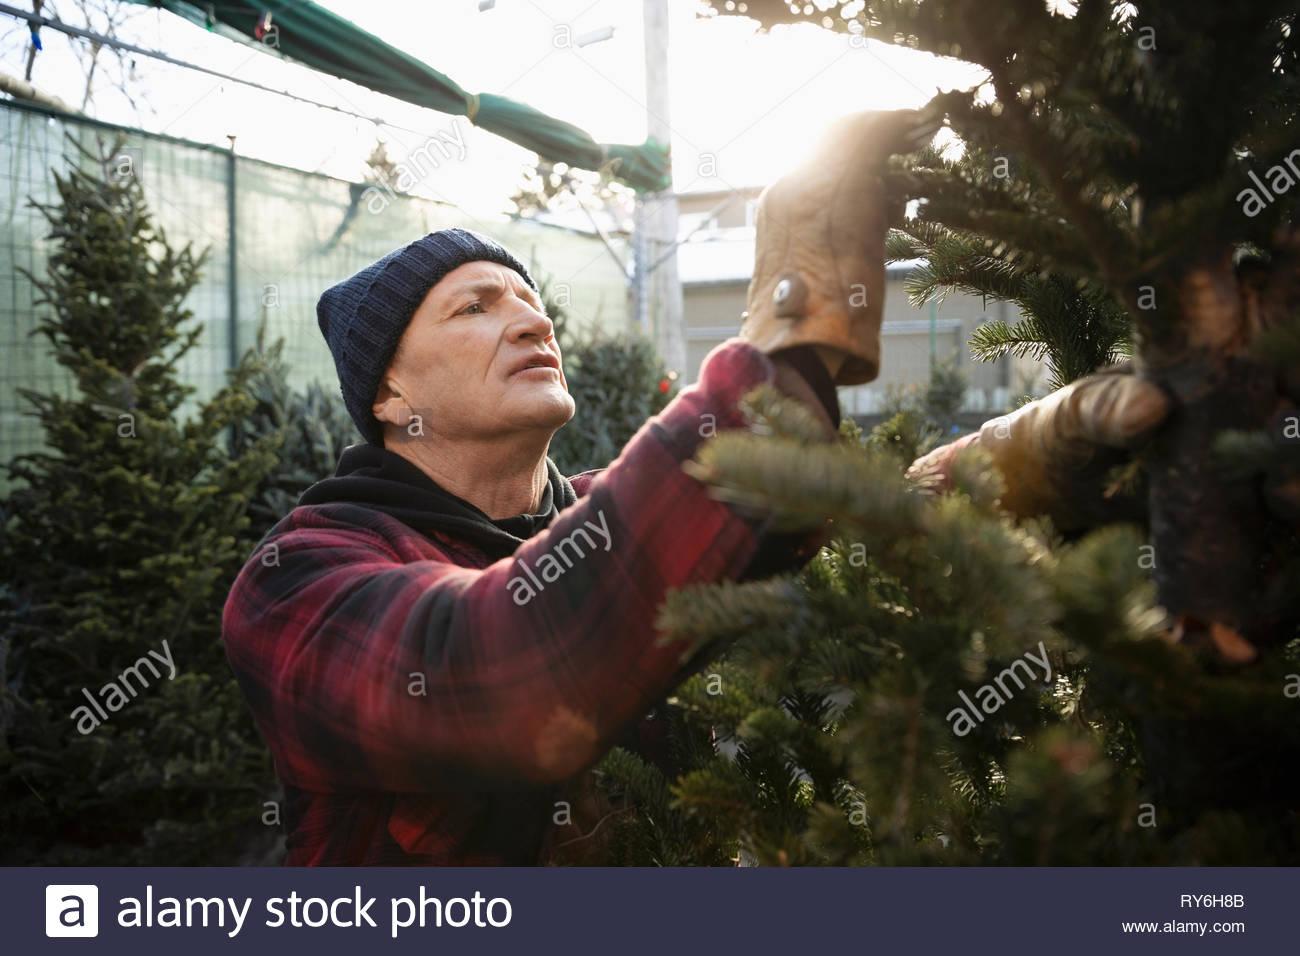 Arbeitnehmer Kontrolle Niederlassungen auf Weihnachtsbaum am Weihnachtsmarkt Stockbild